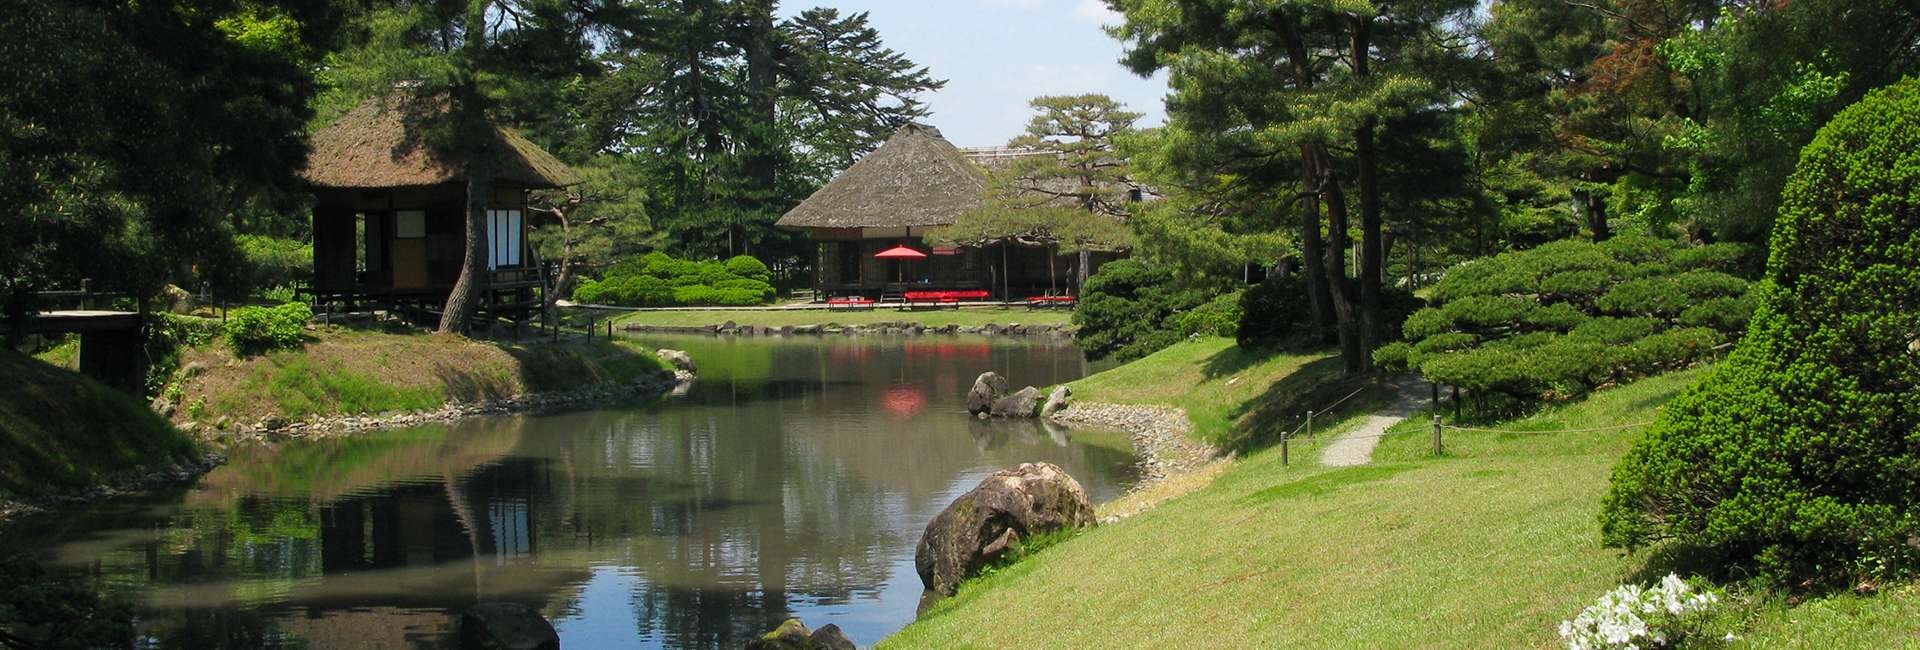 Aizuwakamatsu in Japan